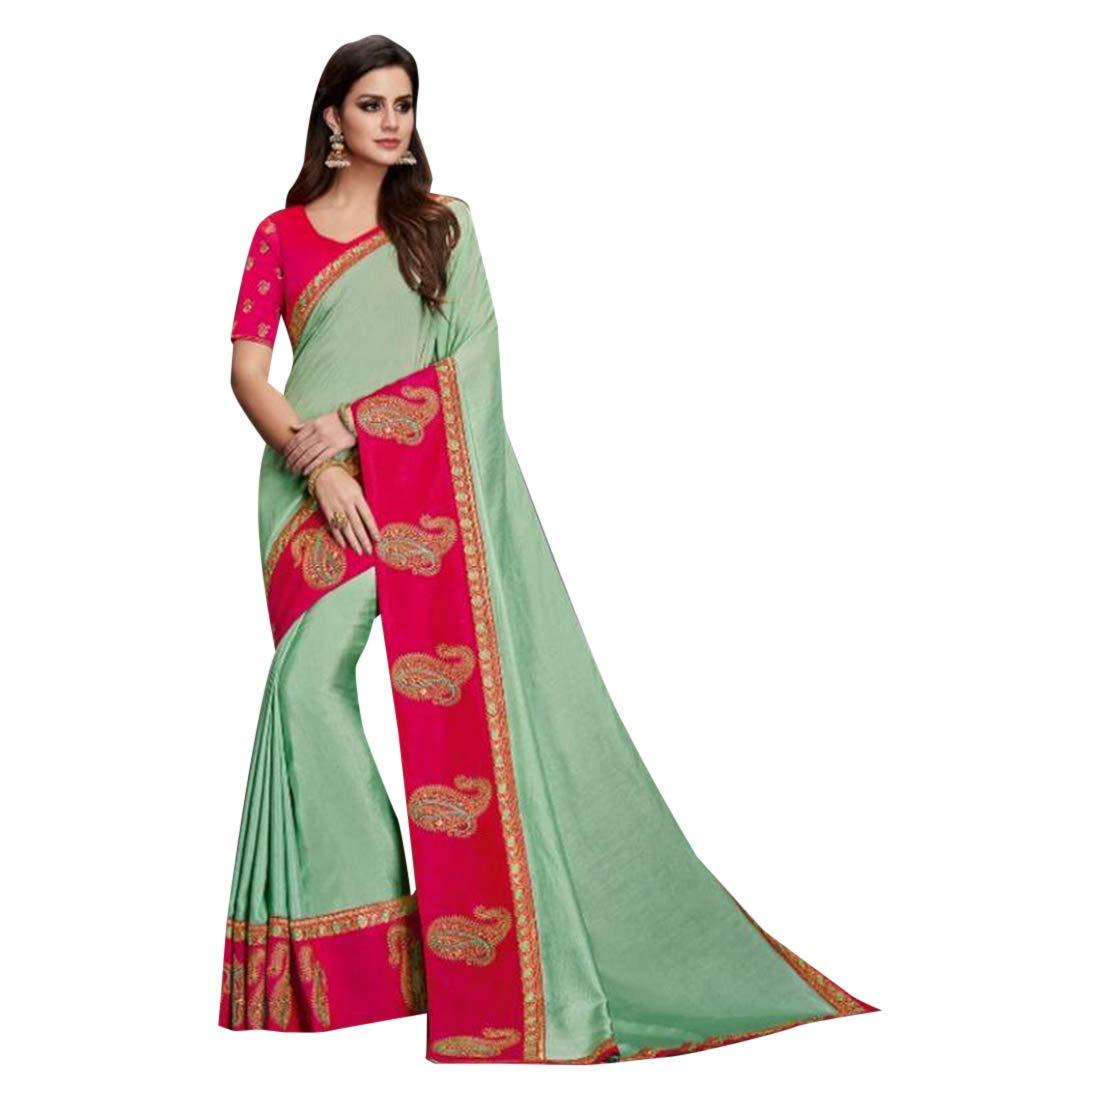 Mint Green Paisley Border Saree Blouse Evening Wear Party Sari 7493